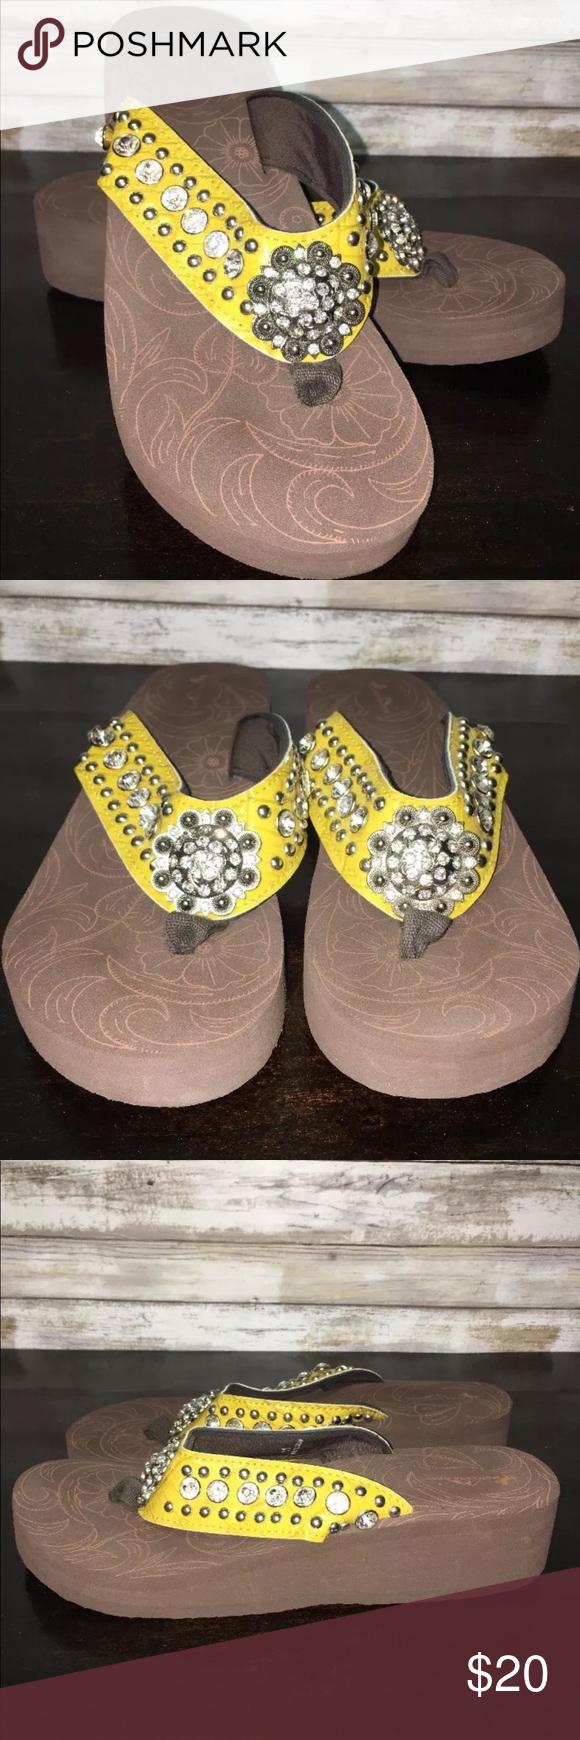 a94f71660475e9 Bling Flip Flops Montana West Yellow Wedge 11 Bling Flip Flops Montana West Rhinestone  Cushion Wedge